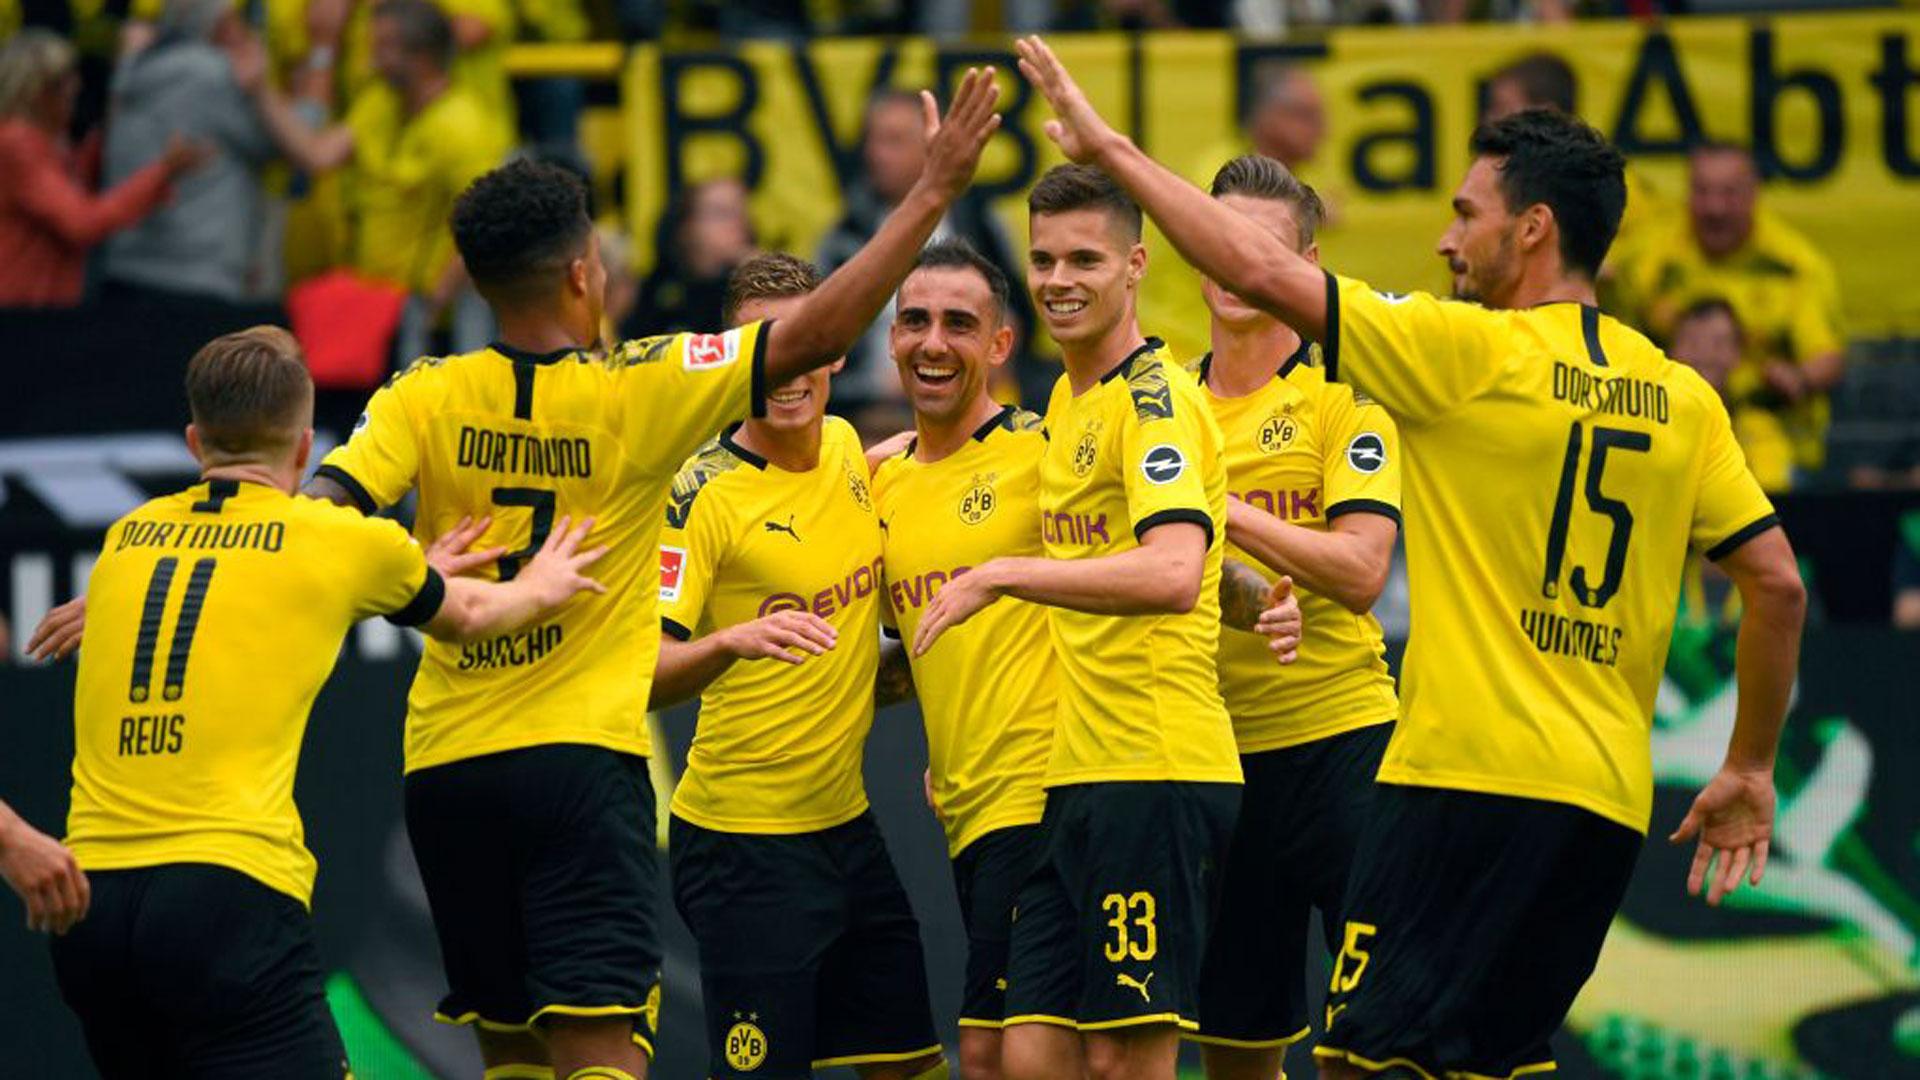 德甲首轮多特大胜 法夫尔对球队表示满意